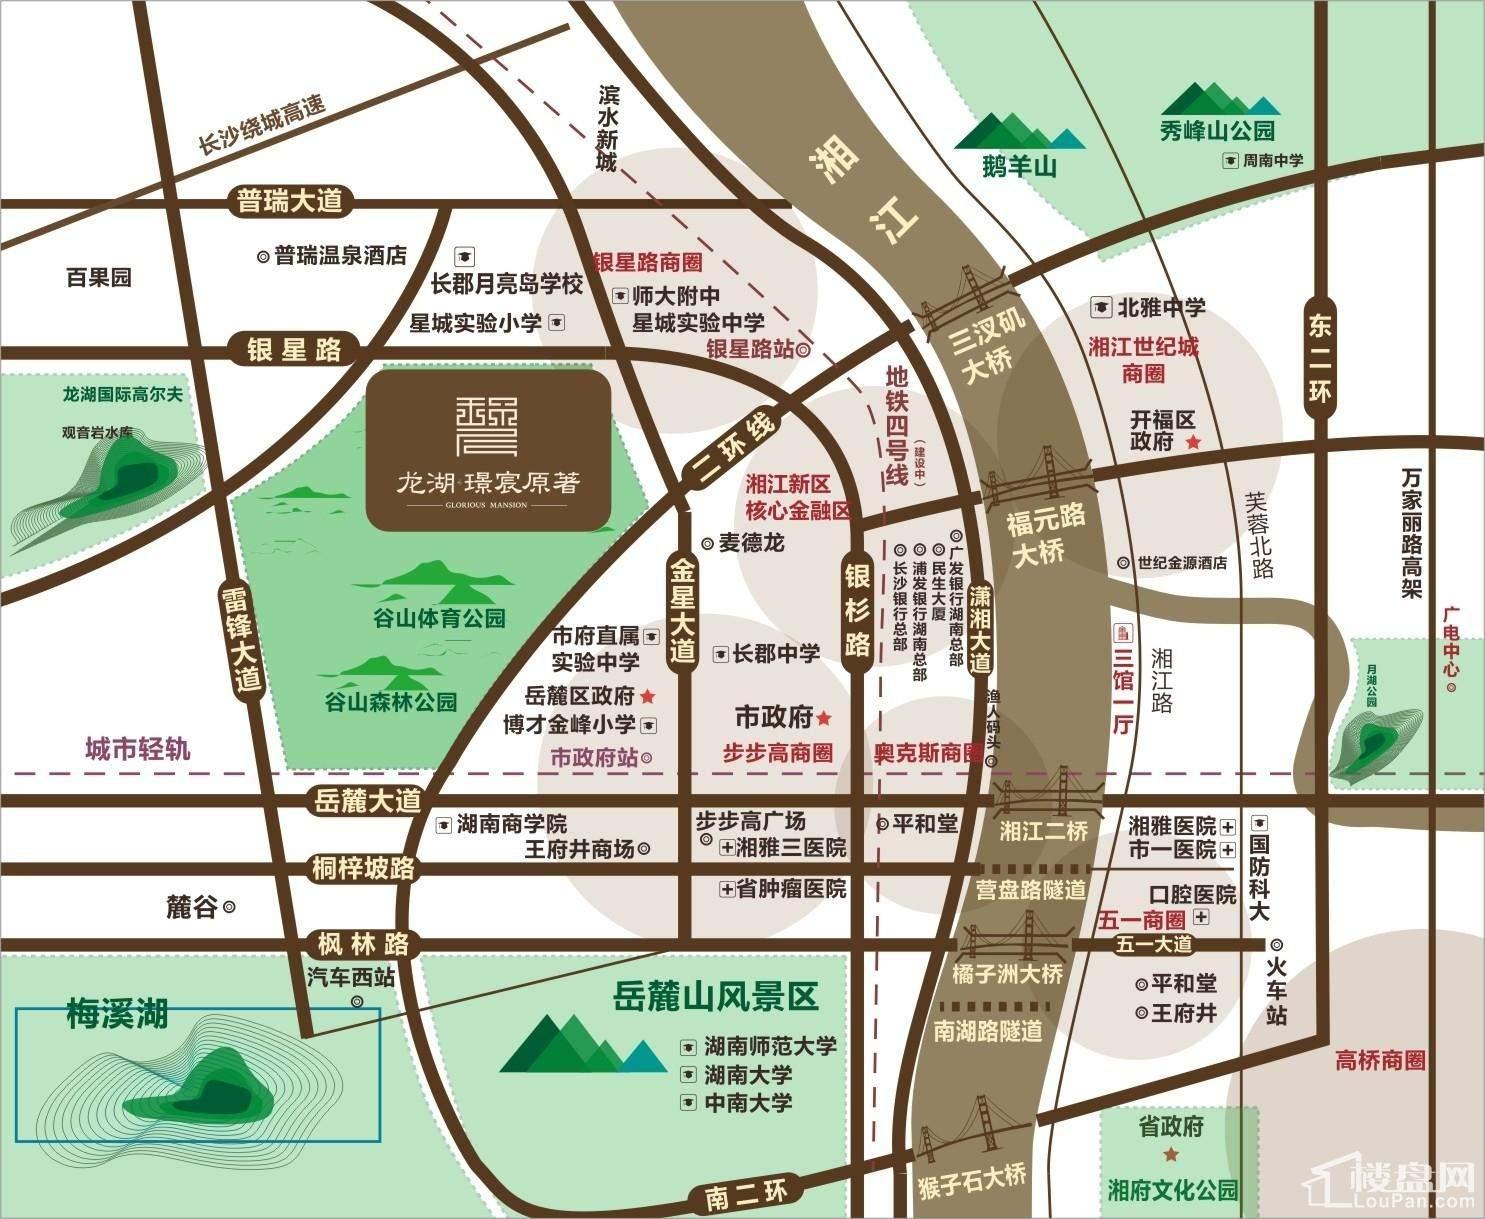 龙湖璟宸原著区位交通图